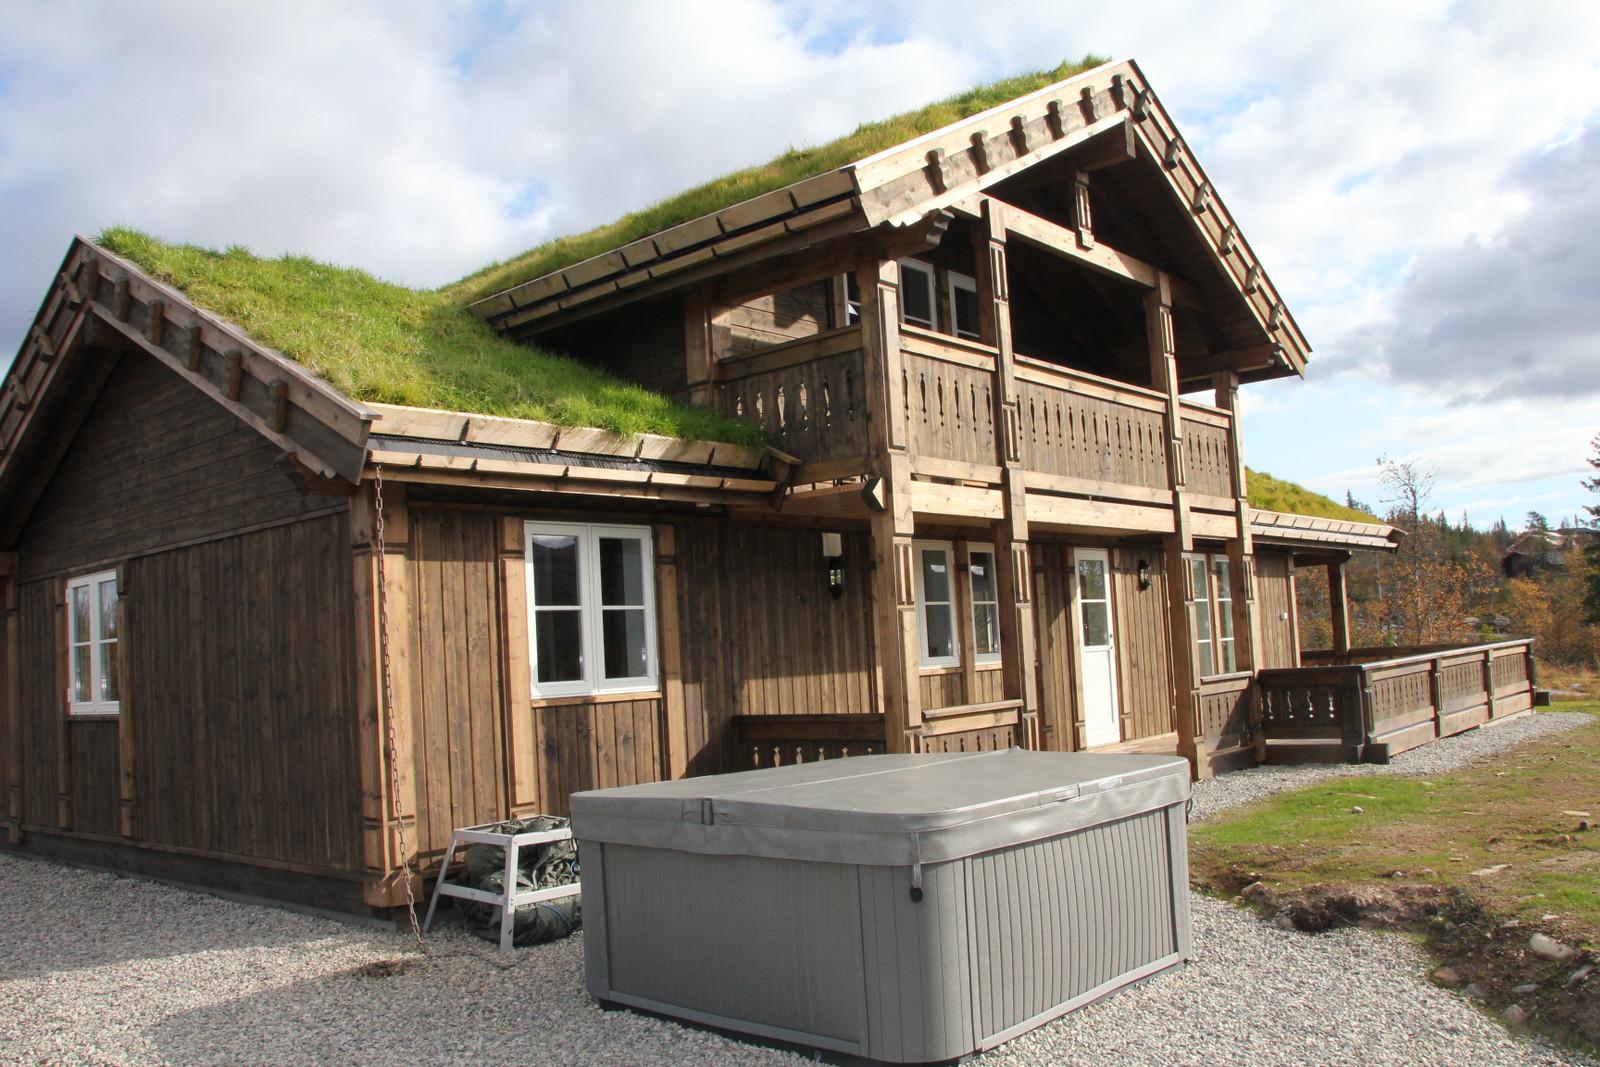 Kundetilpasset hytte